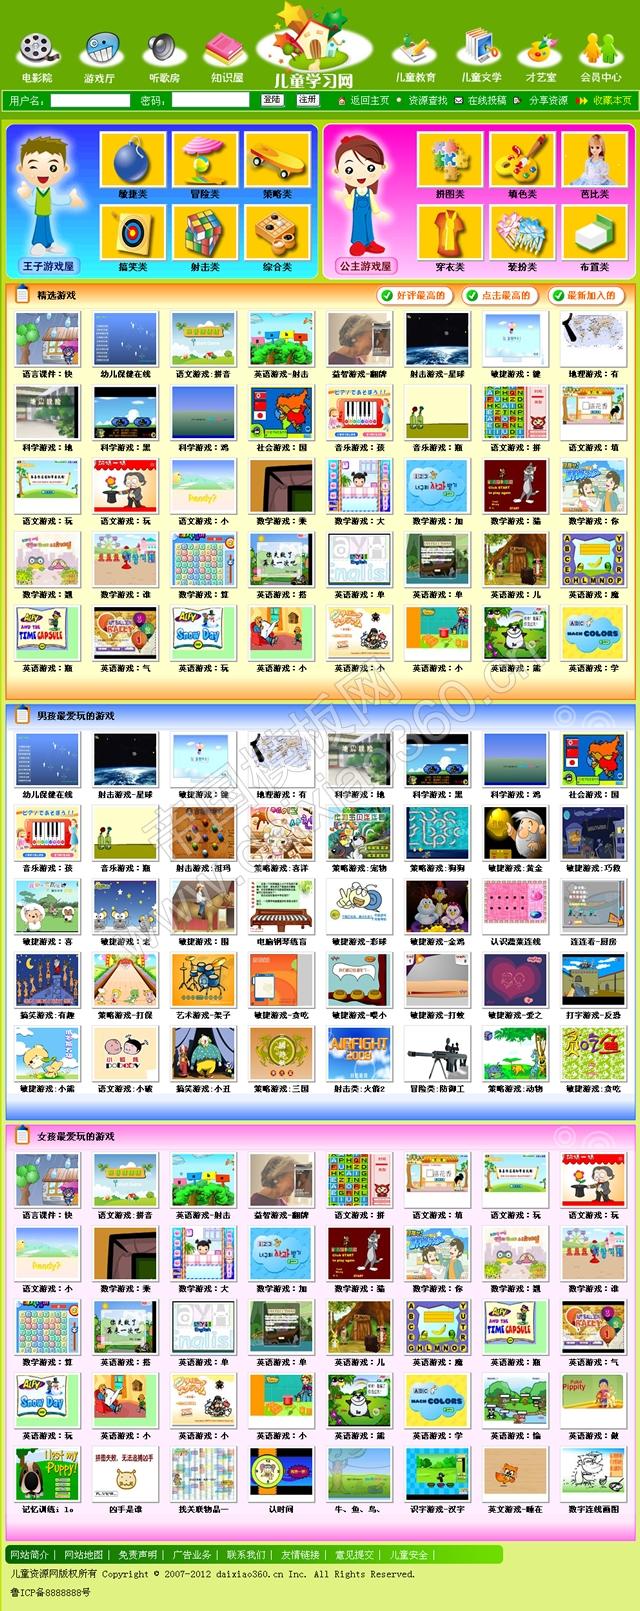 帝国cms育儿亲子儿童儿歌幼教资源网站源码程序_游戏频道